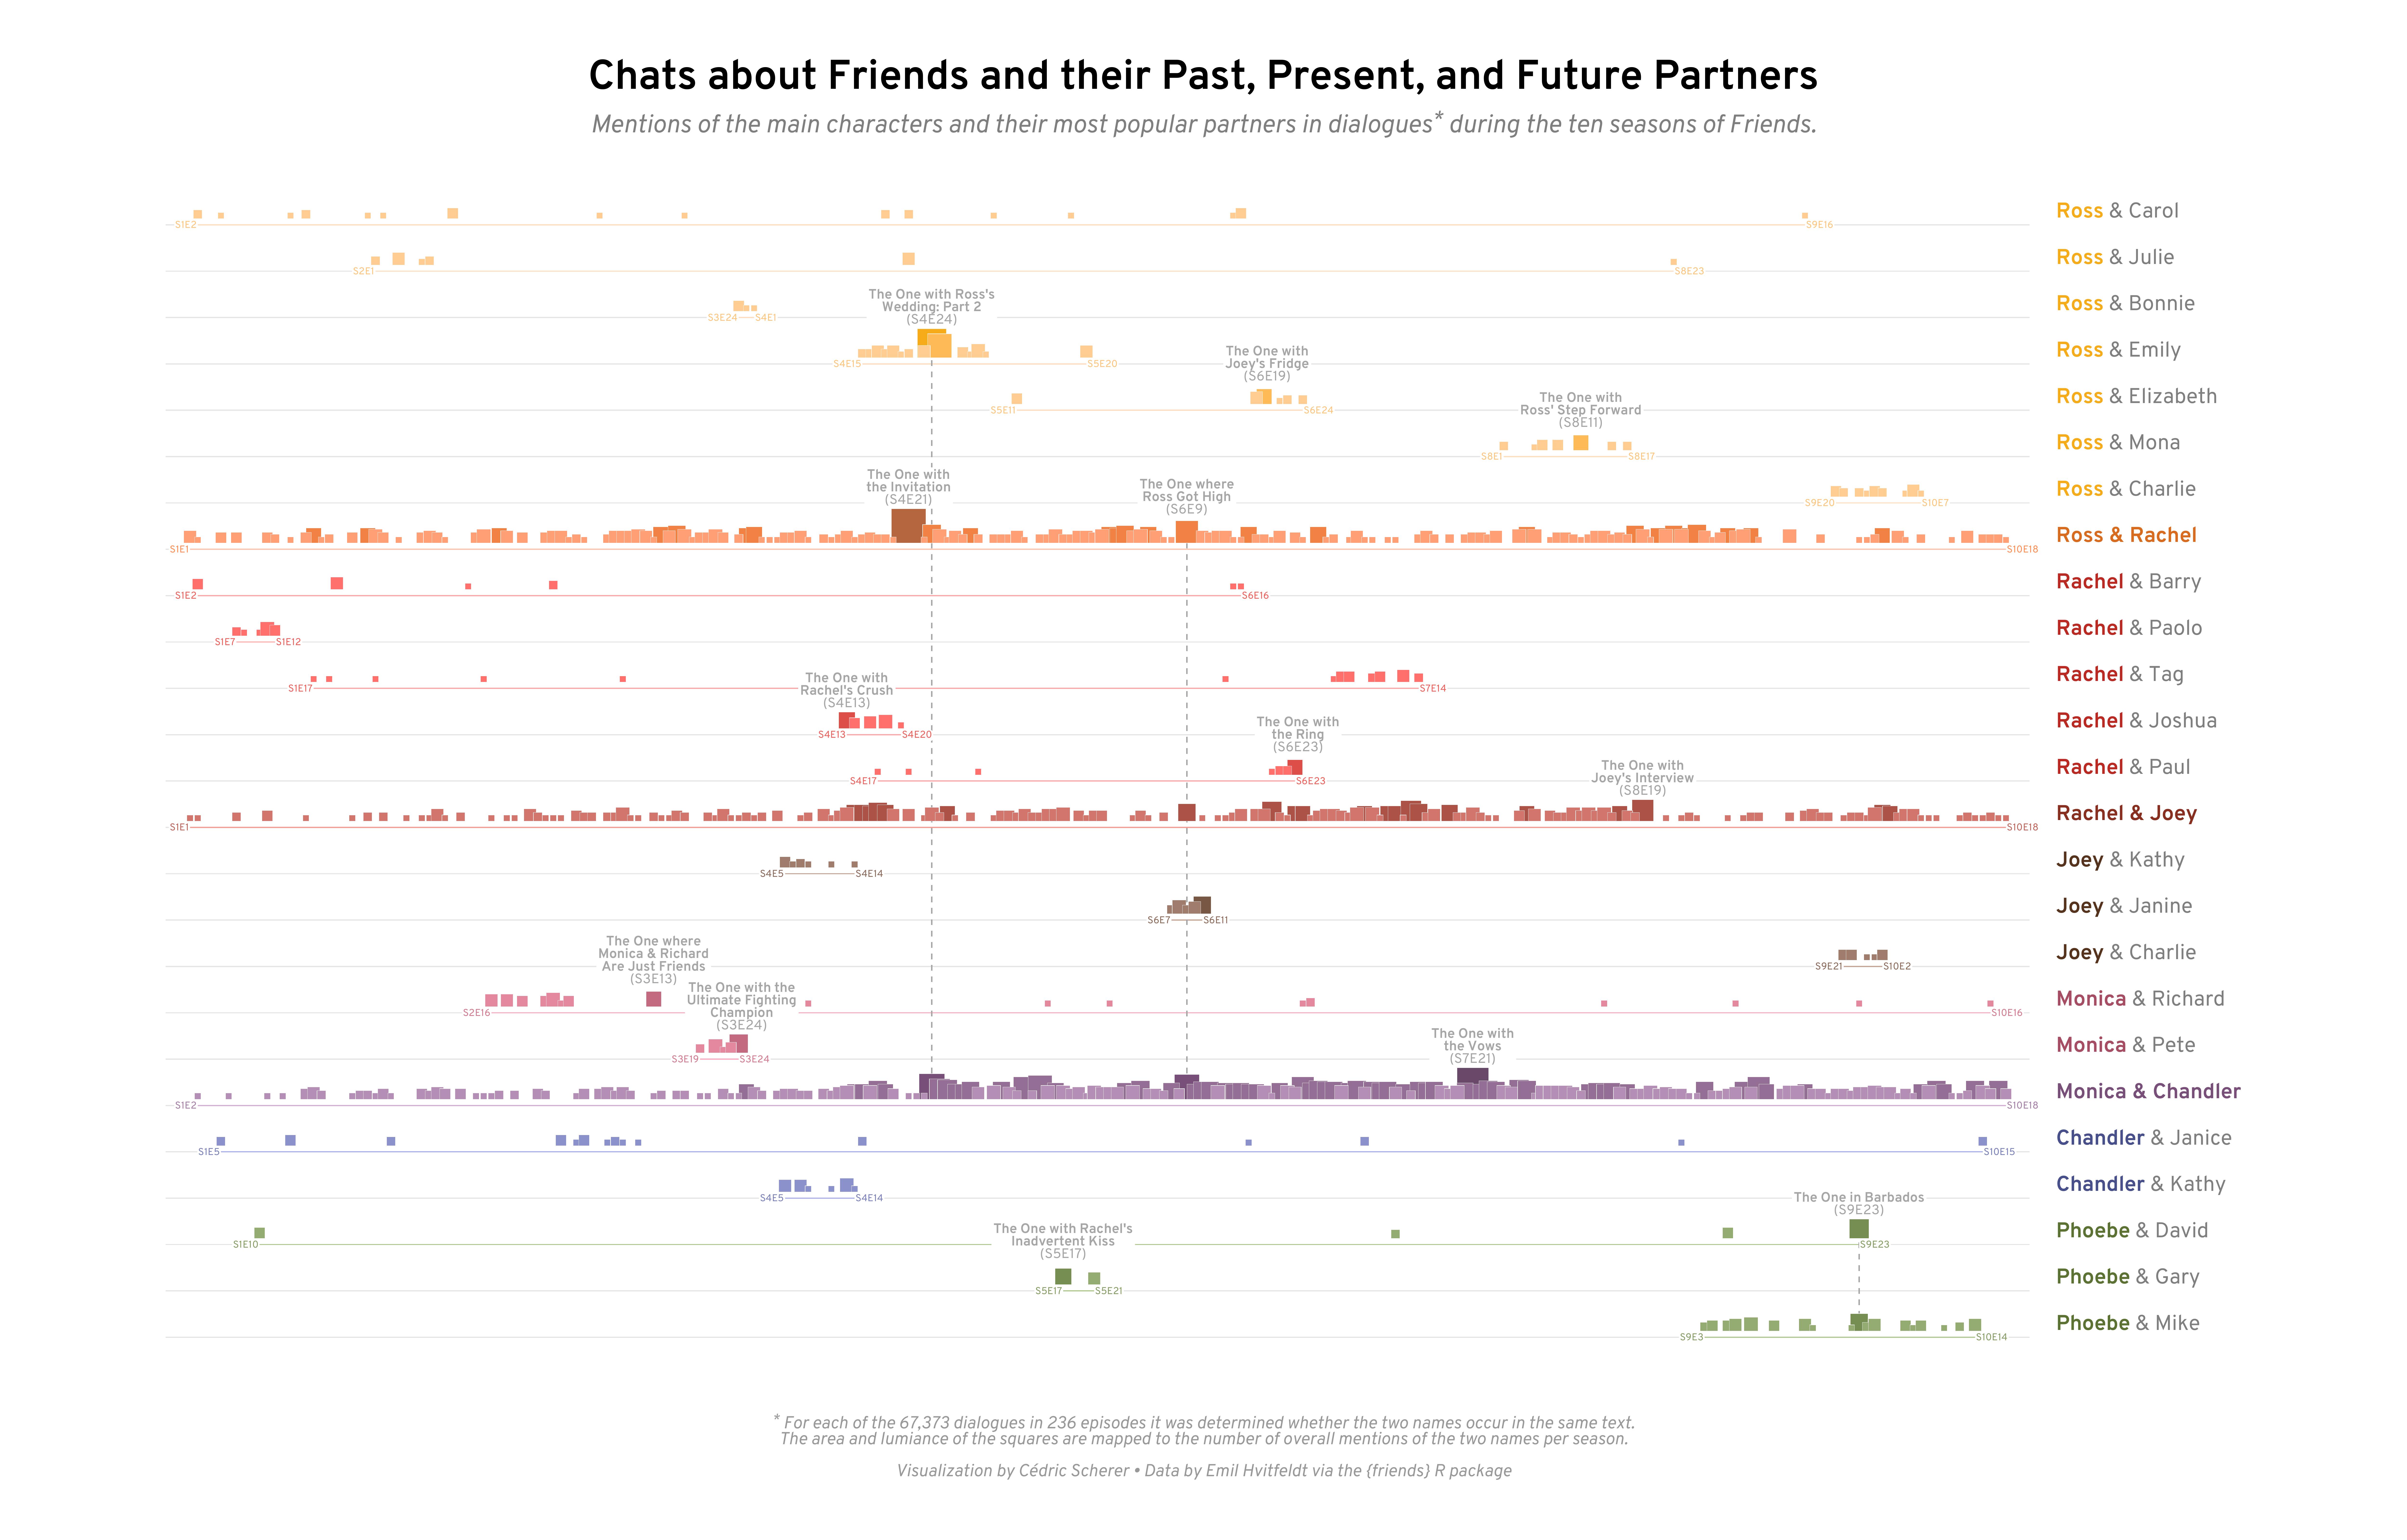 ./plots/2020_37/2020_37_Friends.png